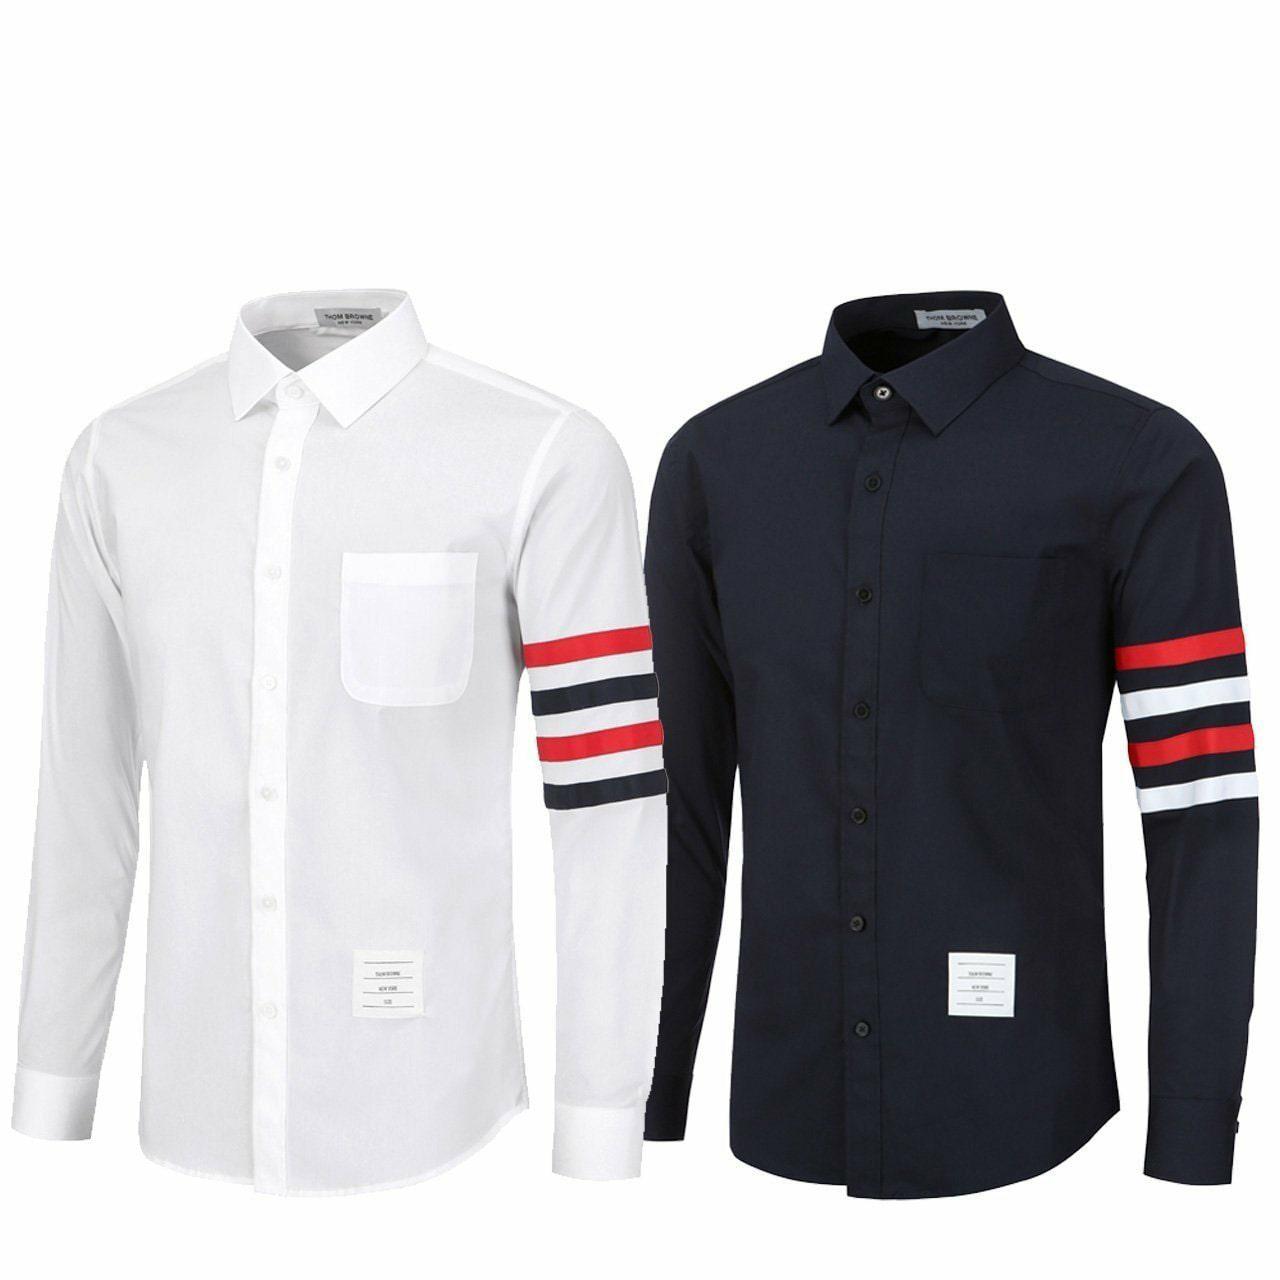 톰브라운 암사선 스판 셔츠